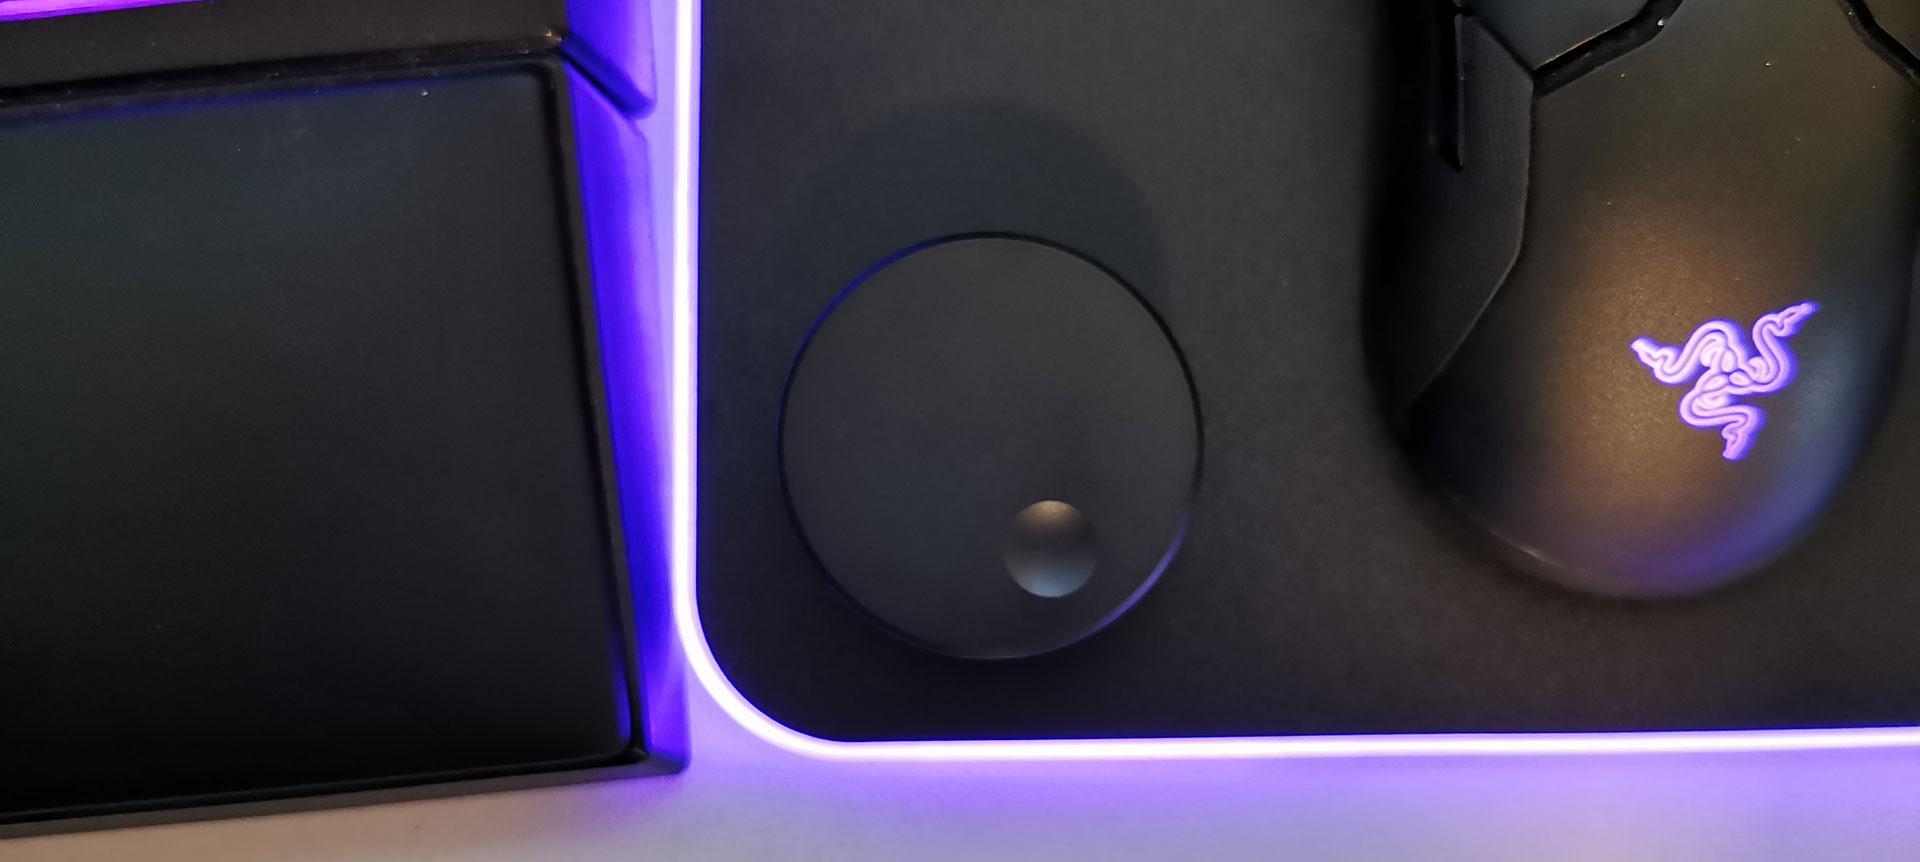 Ikea Symfonisk Afstandsbediening voor Sonos